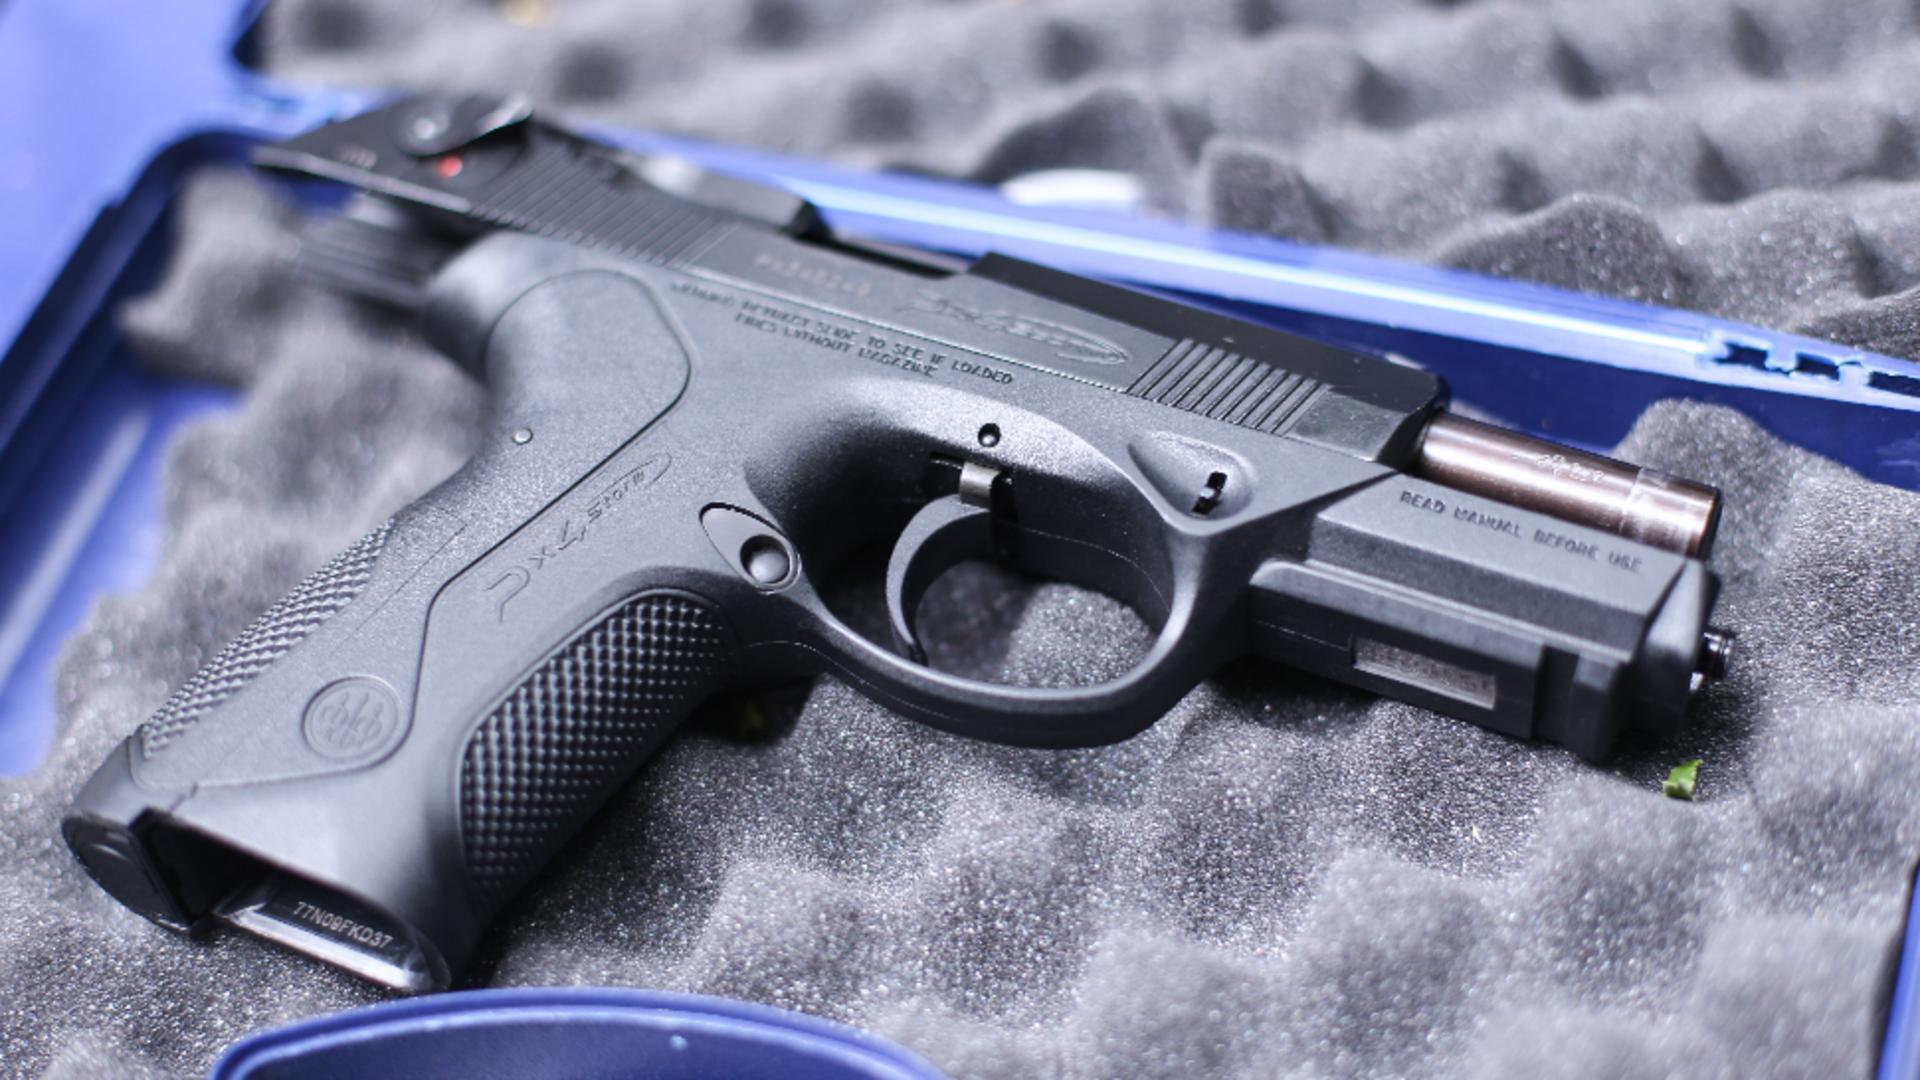 Un bărbat a fost împușcat în somn, în Prahova / Foto: Inquam Photos